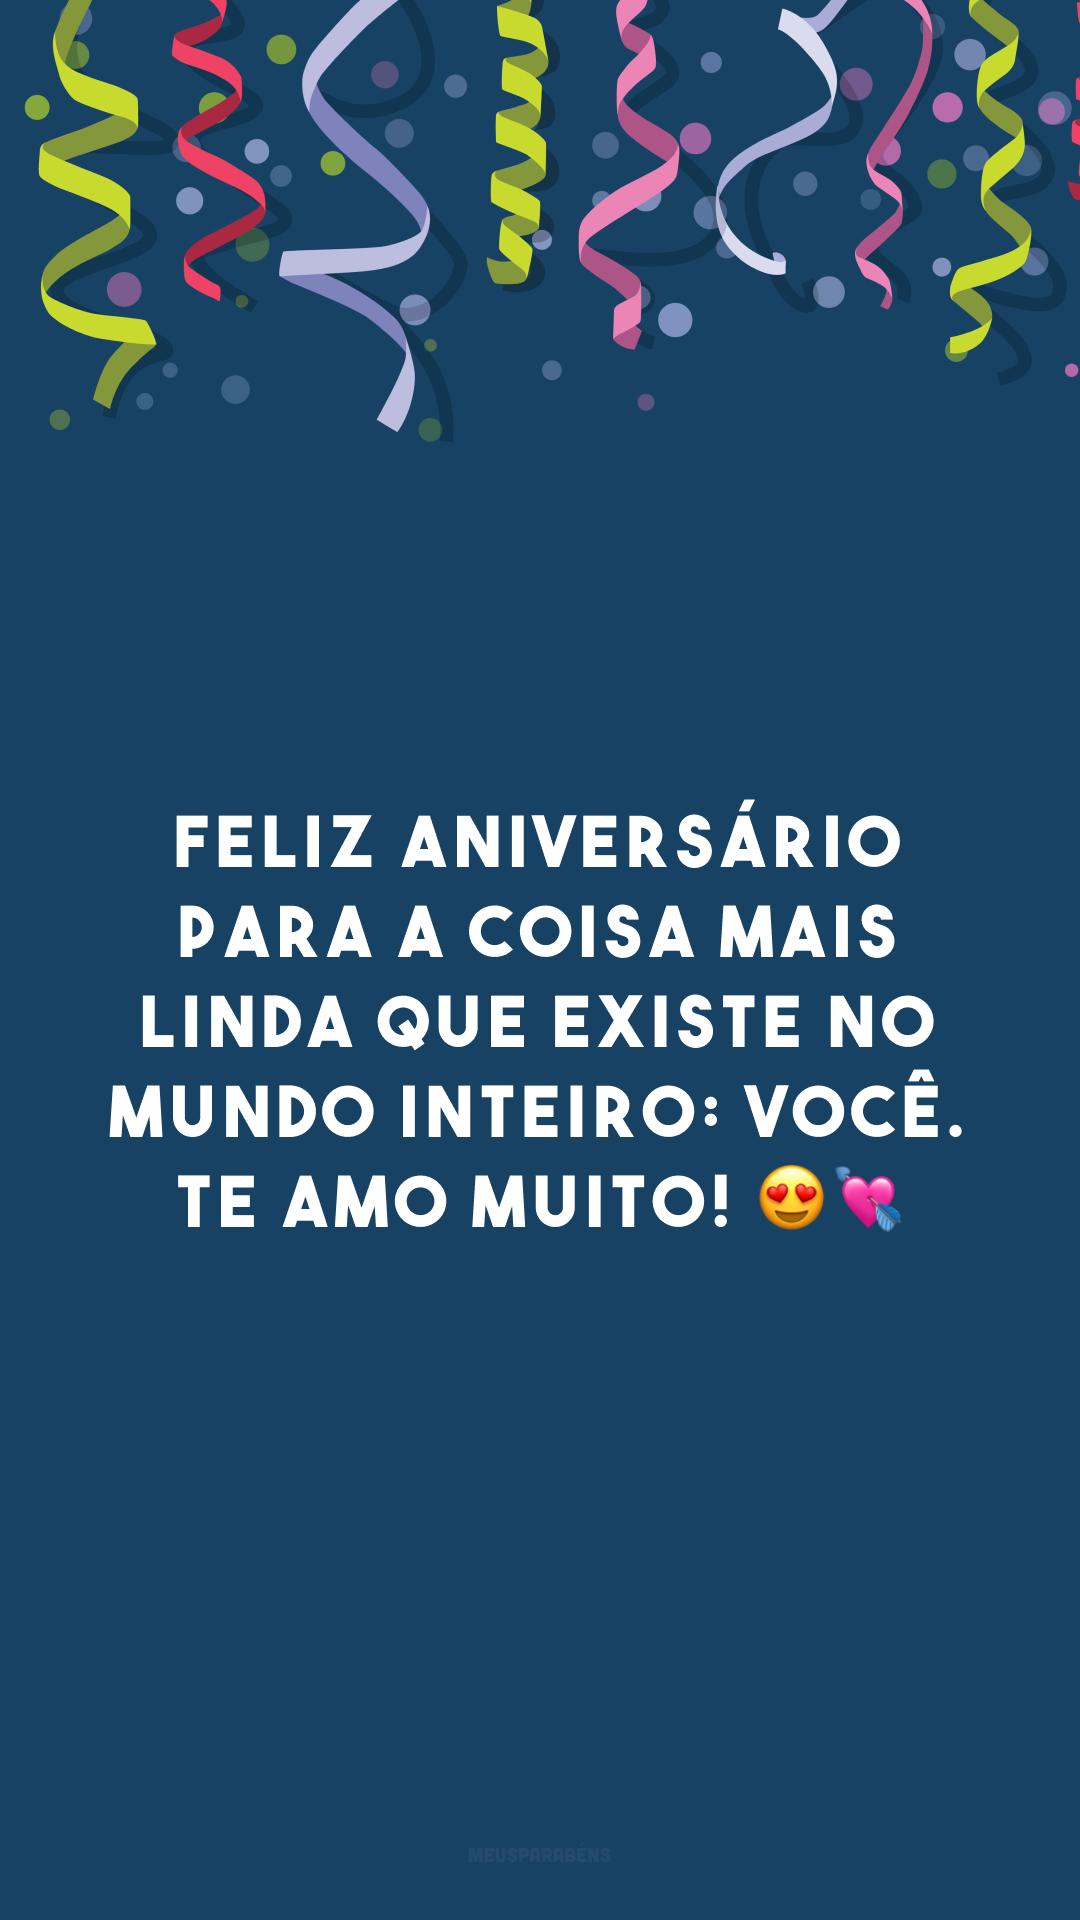 Feliz aniversário para a coisa mais linda que existe no mundo inteiro: você. Te amo muito! 😍💘